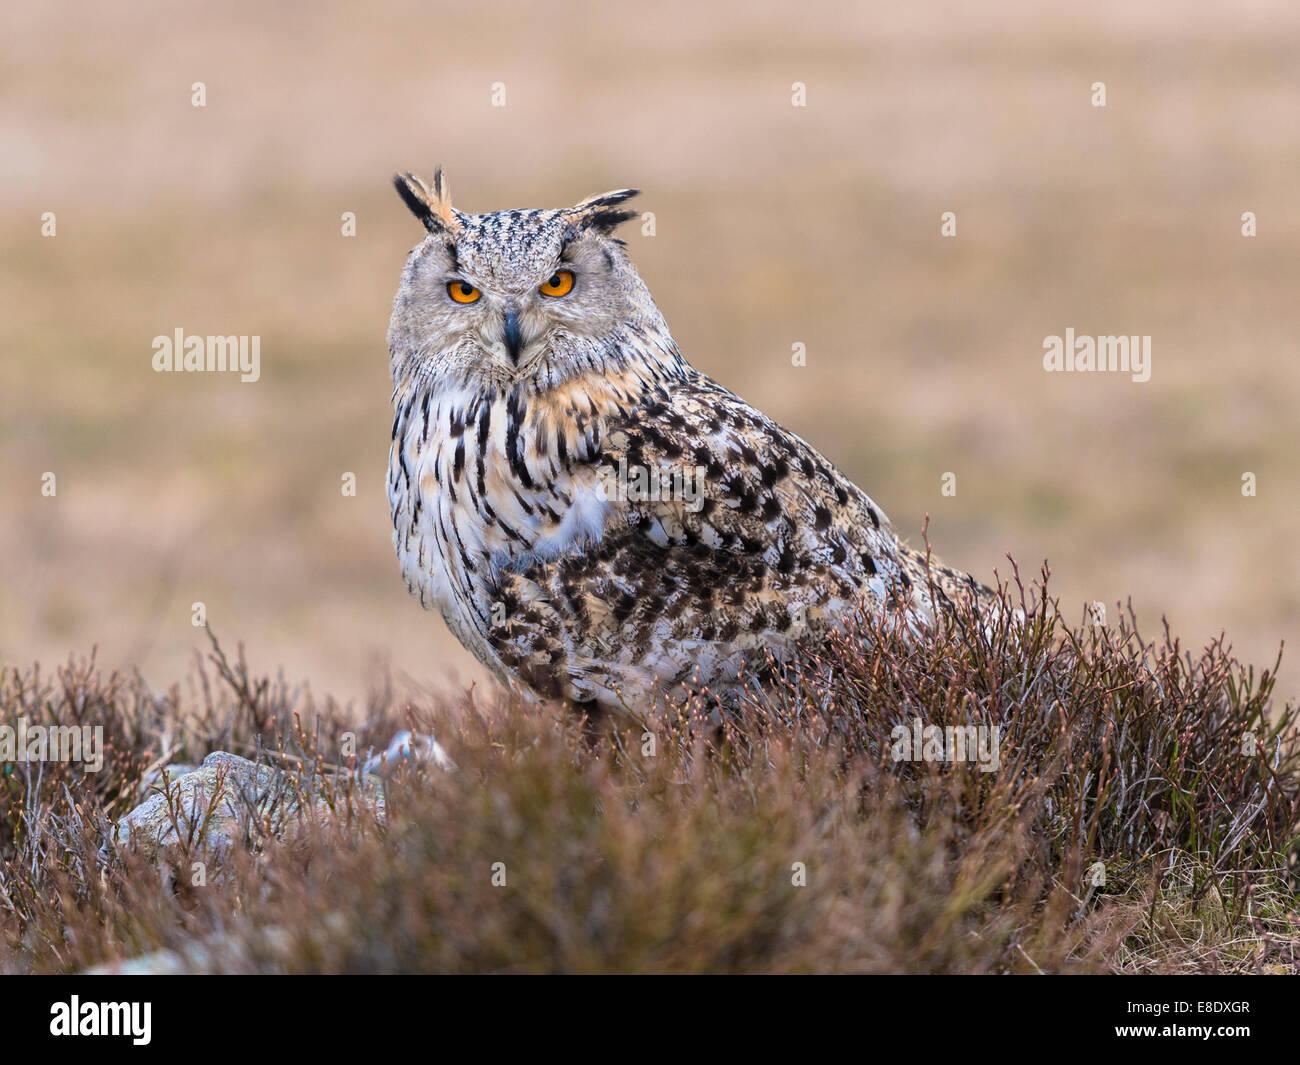 Western Siberian Eagle Owl [Bubo bubo Sibericus] posing on a rock in open heather clad scrub land. - Stock Image